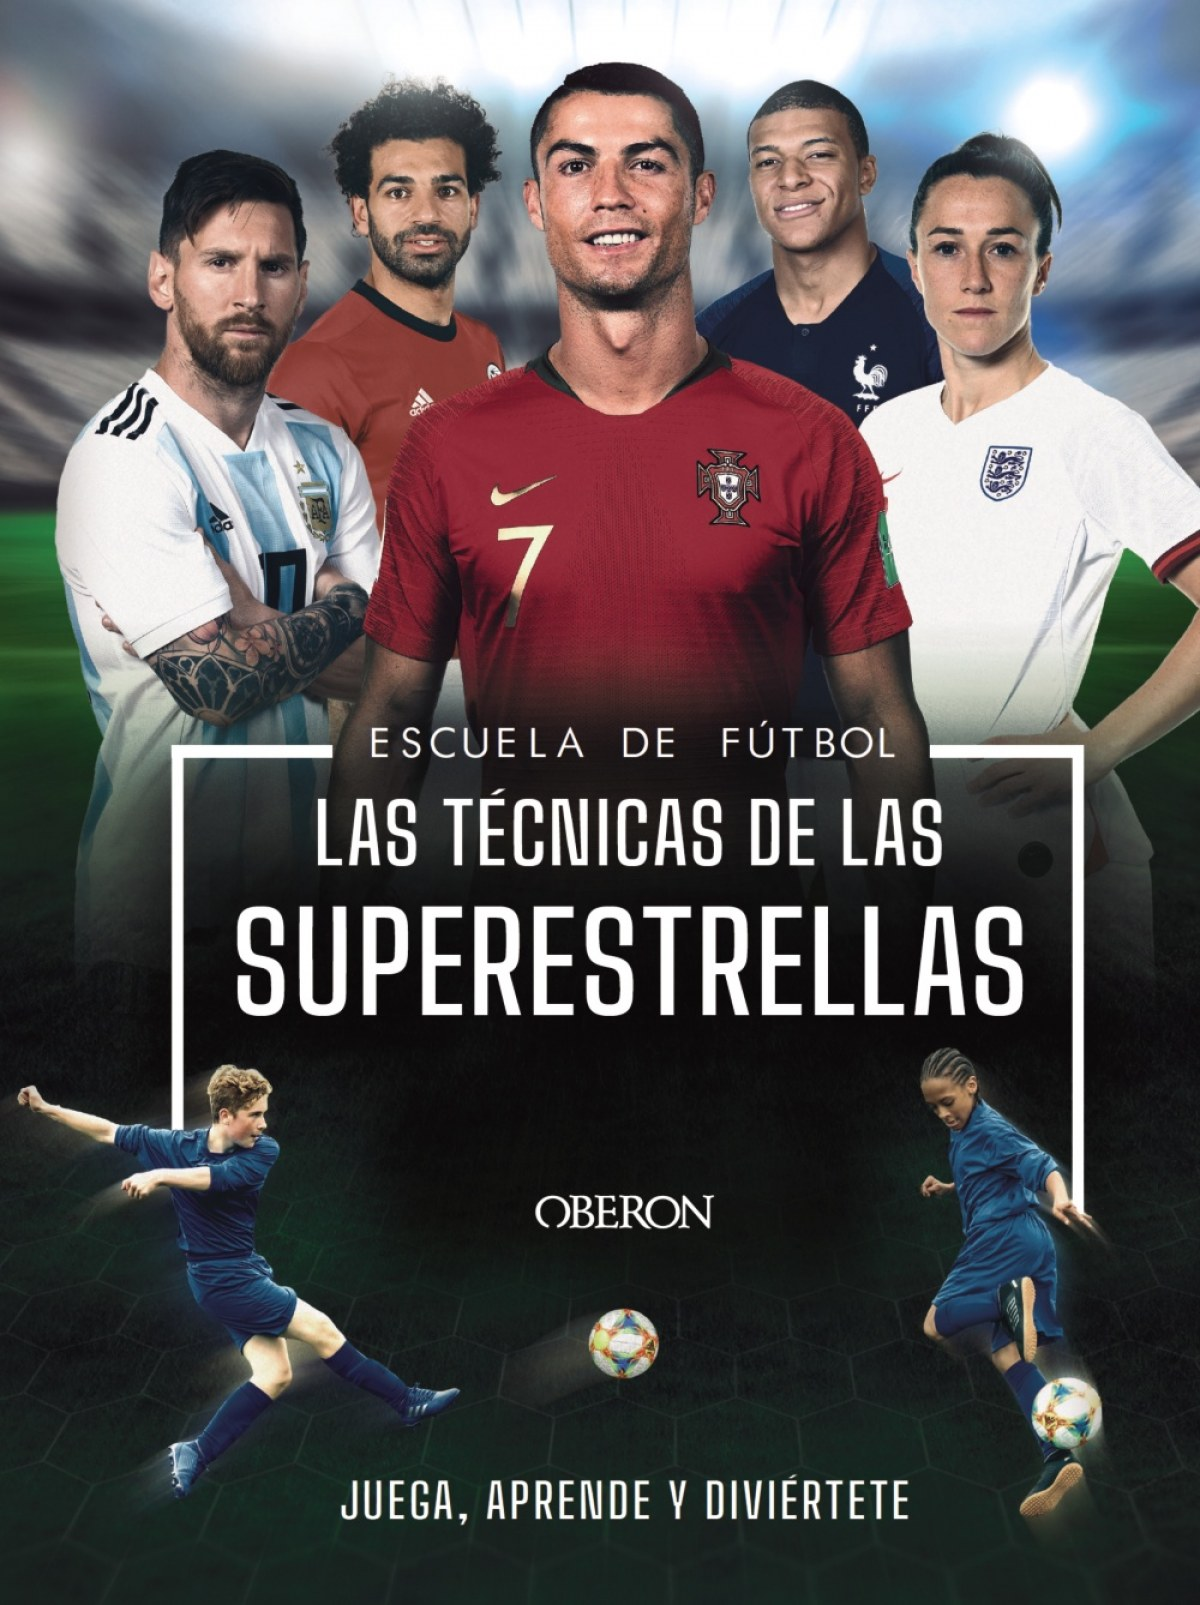 Escuela de Futbol. Las técnicas de las superestrellas 9788441543027